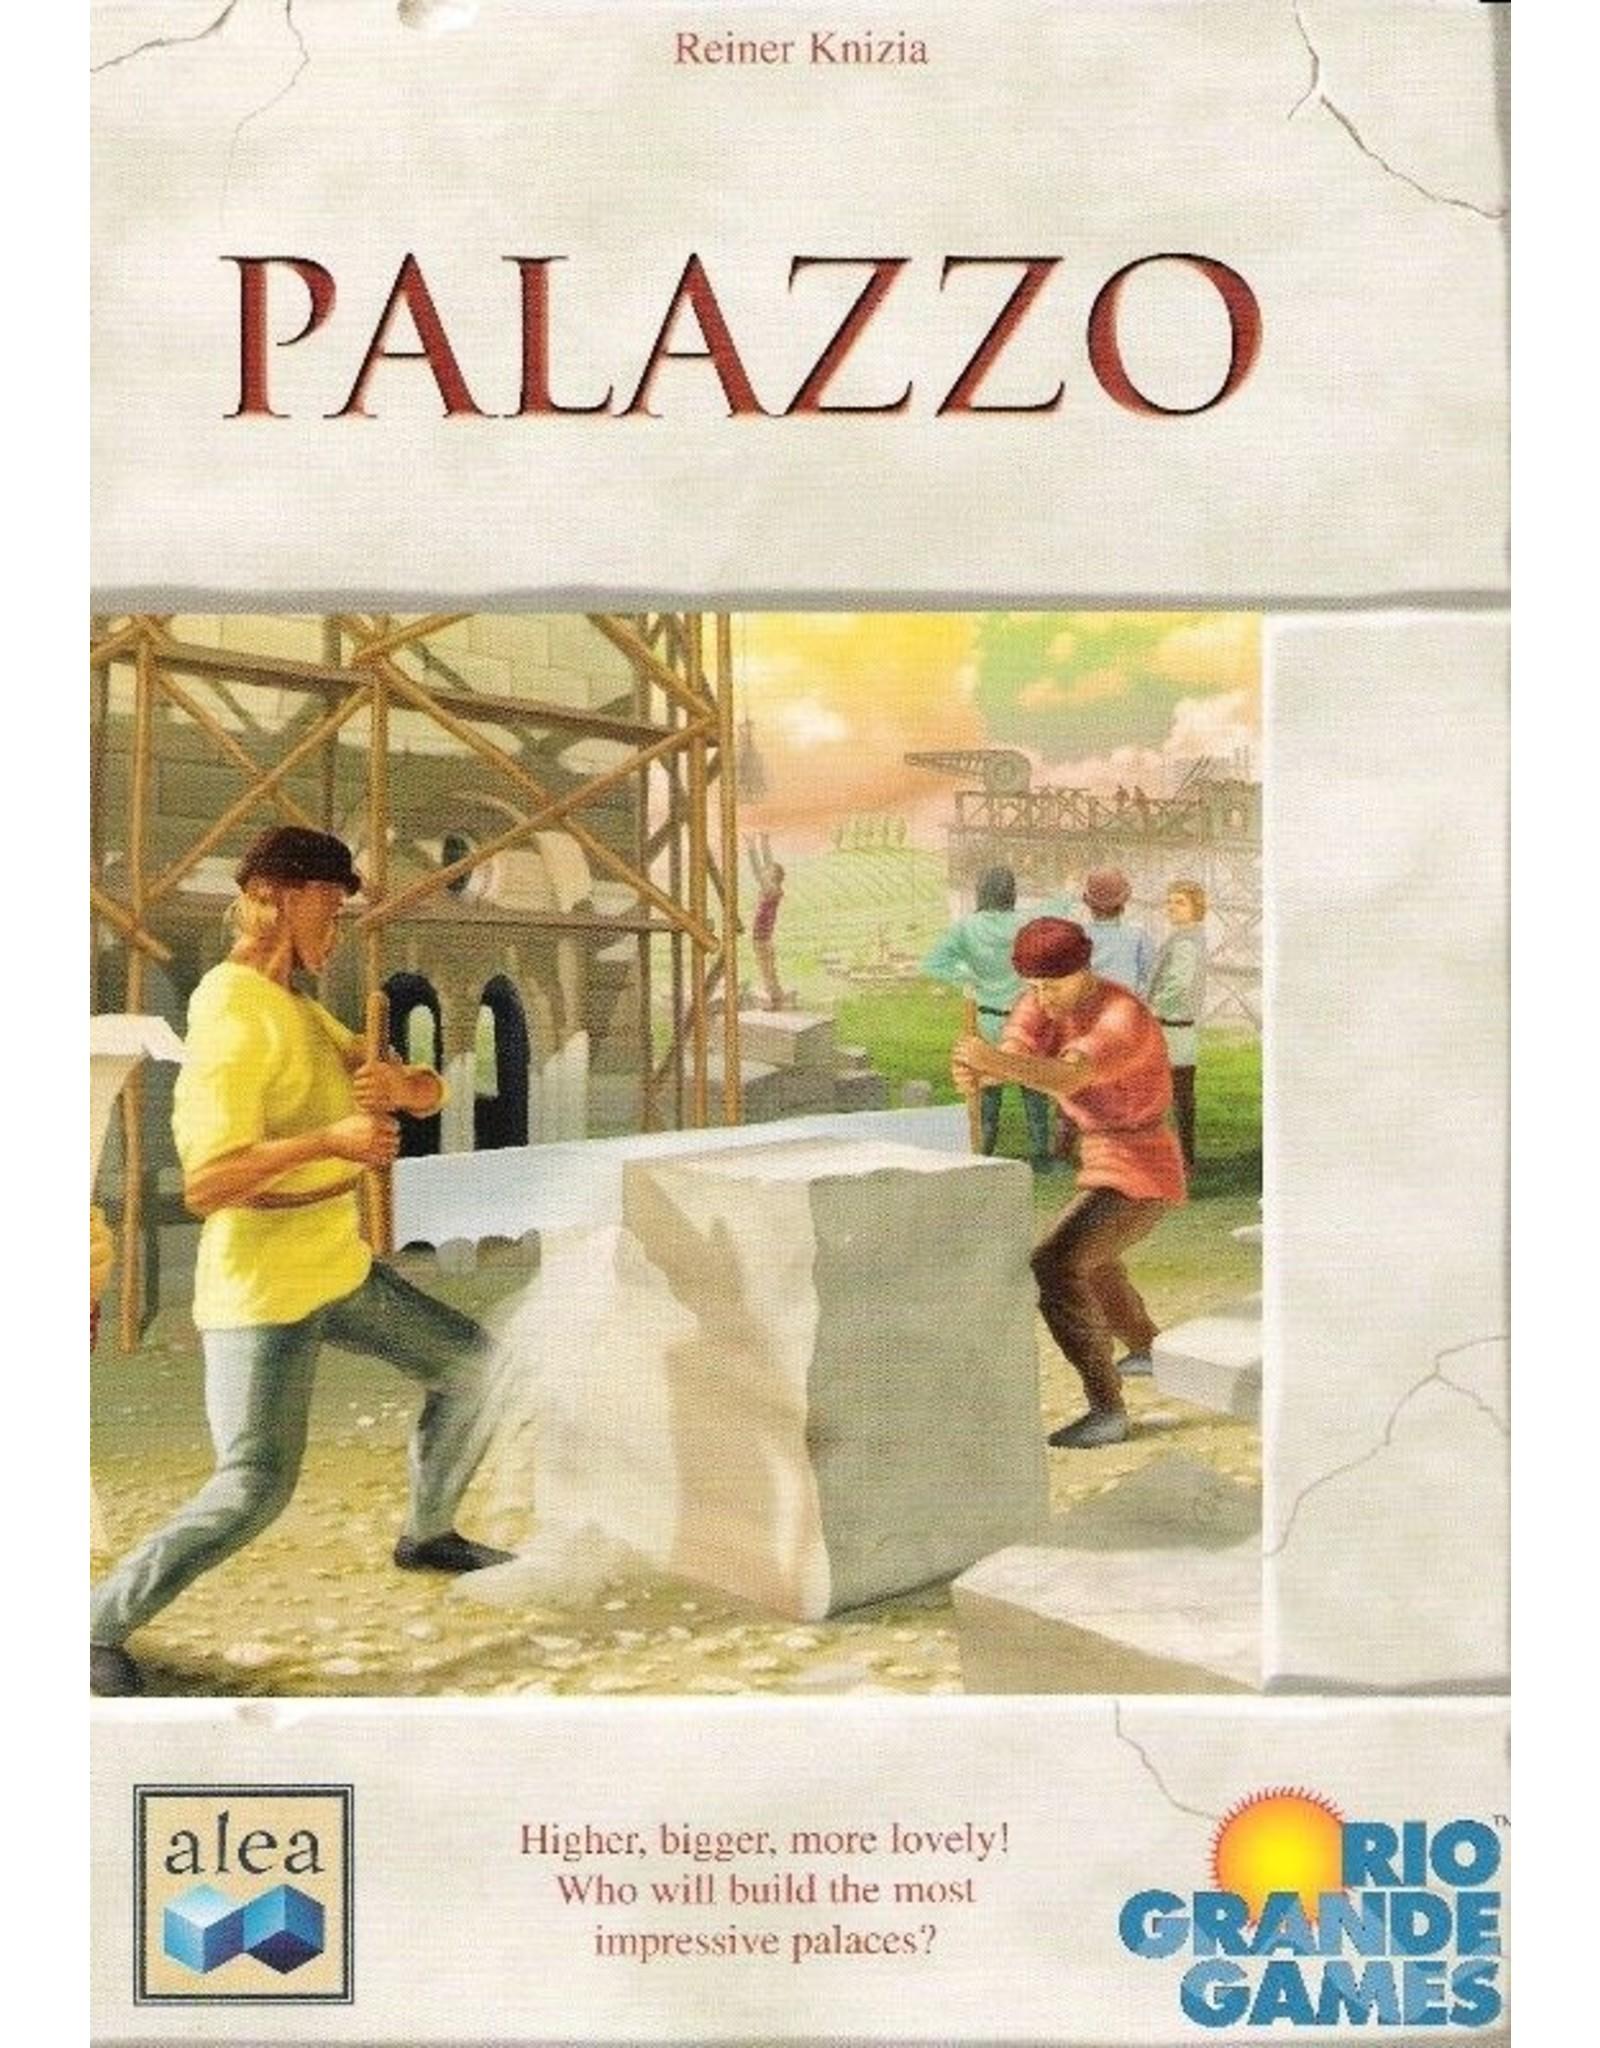 Rio Grande Games SALE - Palazzo